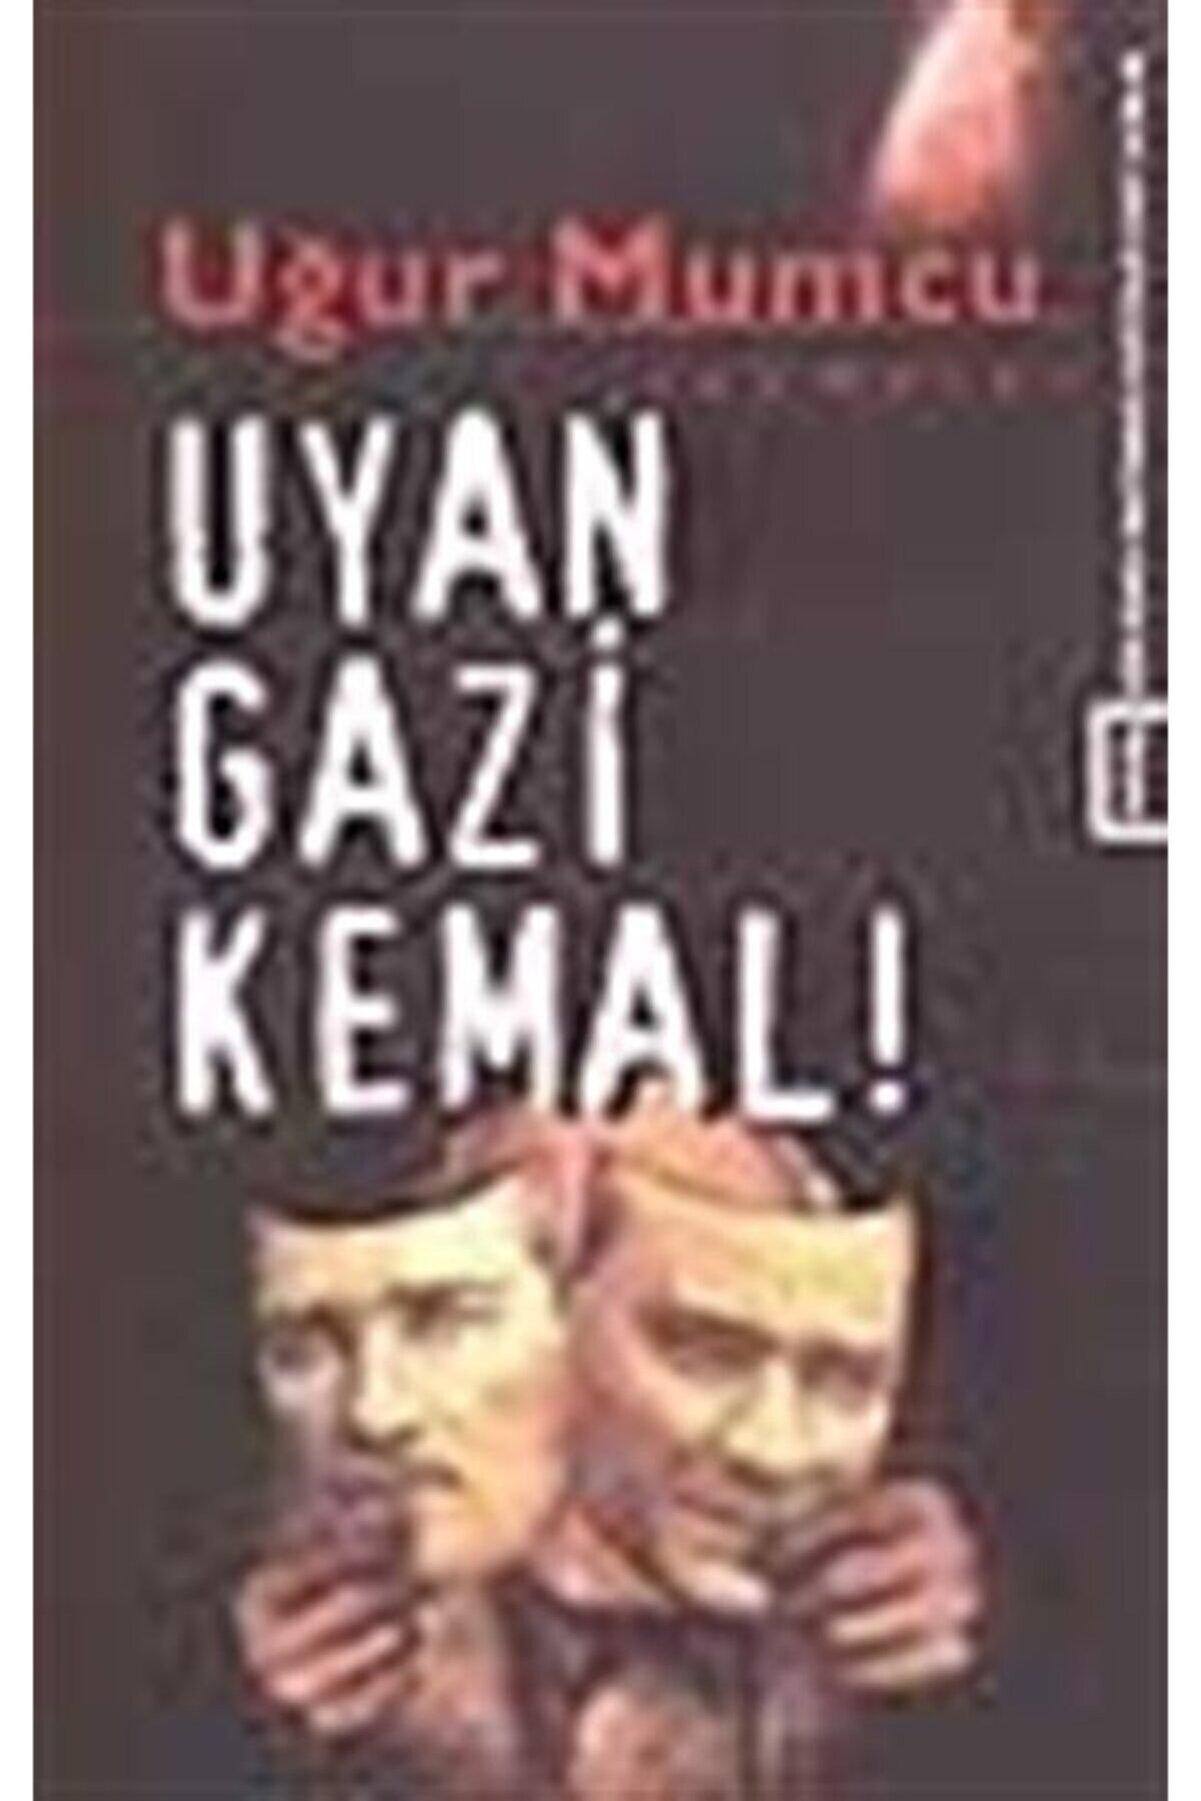 Uğur Mumcu Vakfı Yayınları Uyan Gazi Kemal